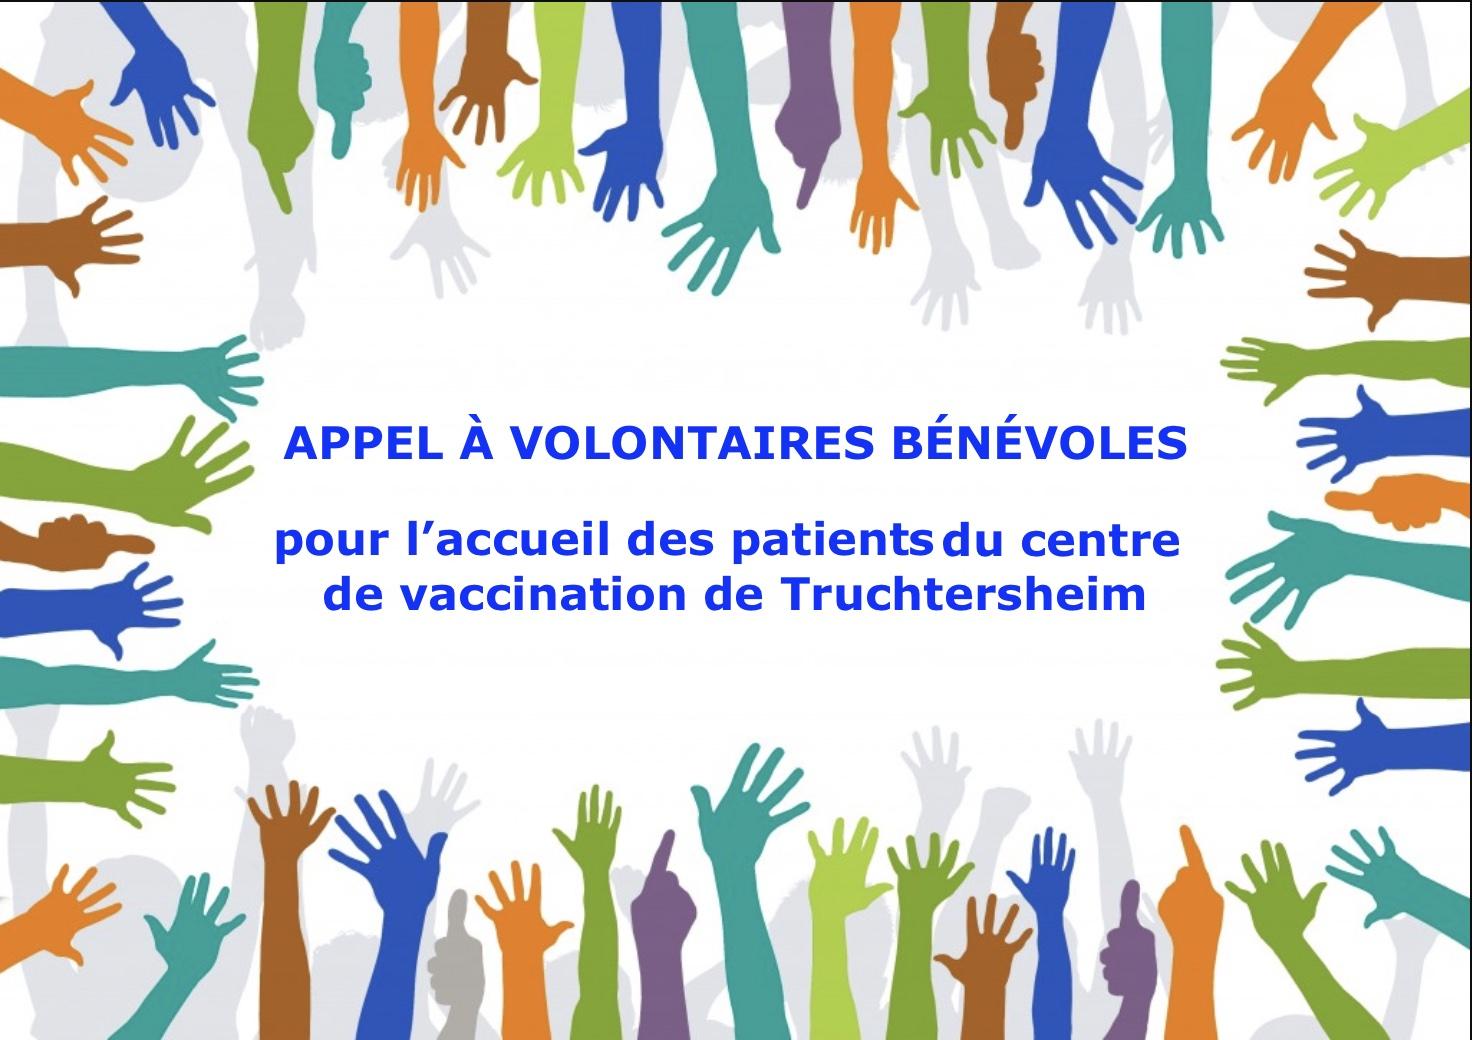 appel-benevole-centre-vaccination-truchtersheim